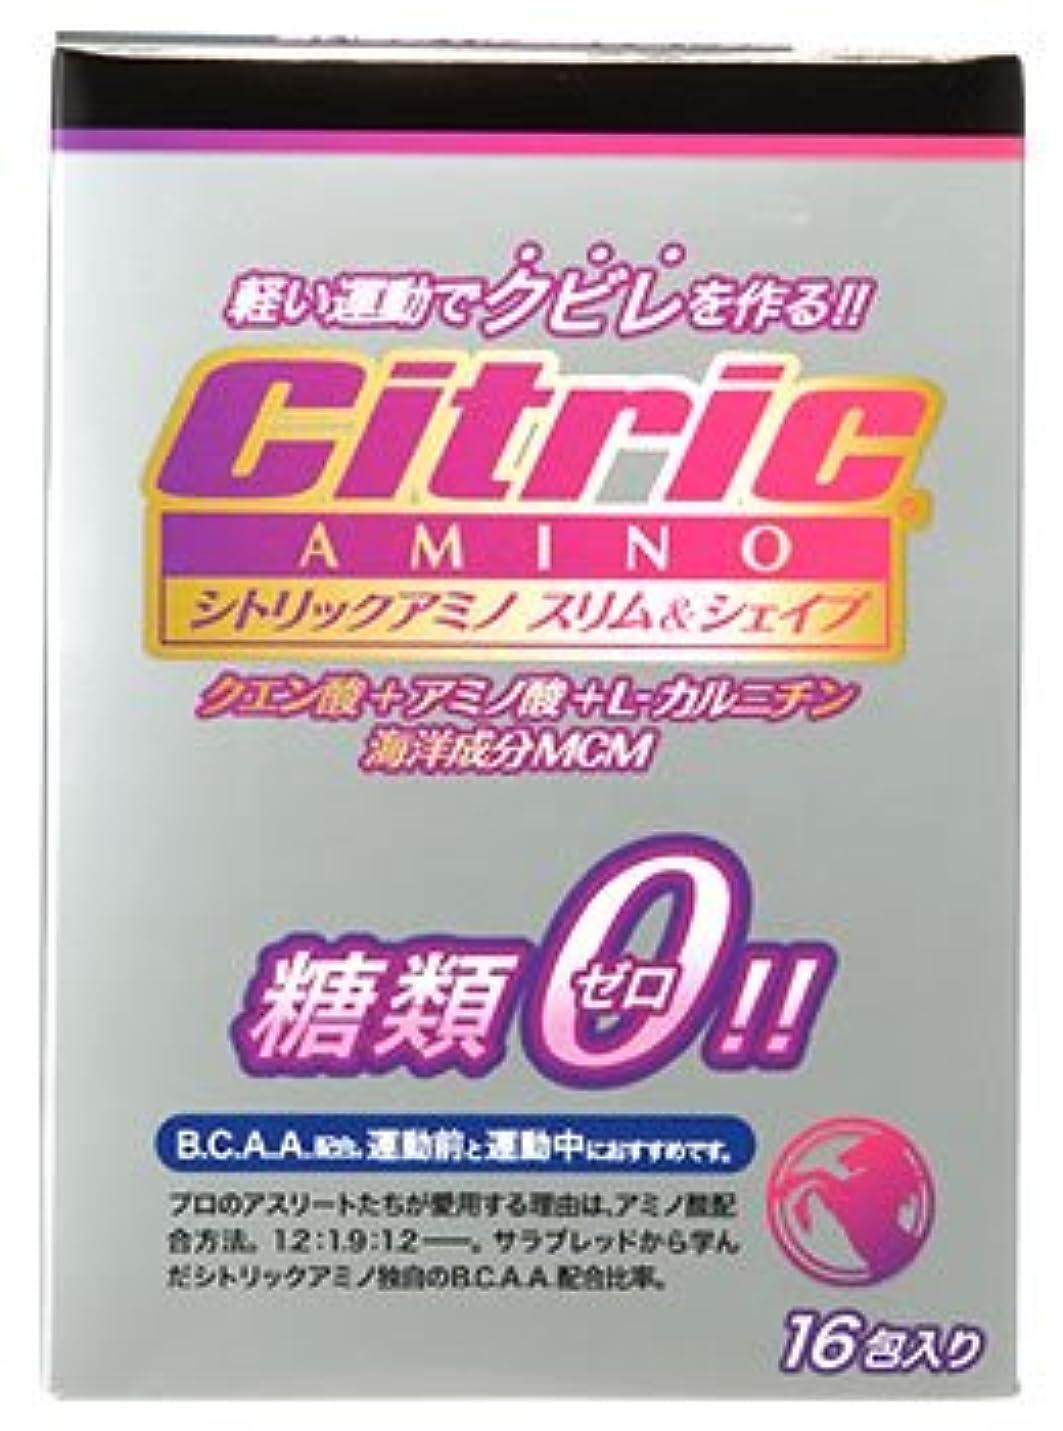 避けられないランチメタンメダリスト?ジャパン シトリックアミノ スリム&シェイプ ベーシックJP (6g×16包入) クエン酸 アミノ酸 糖類ゼロ